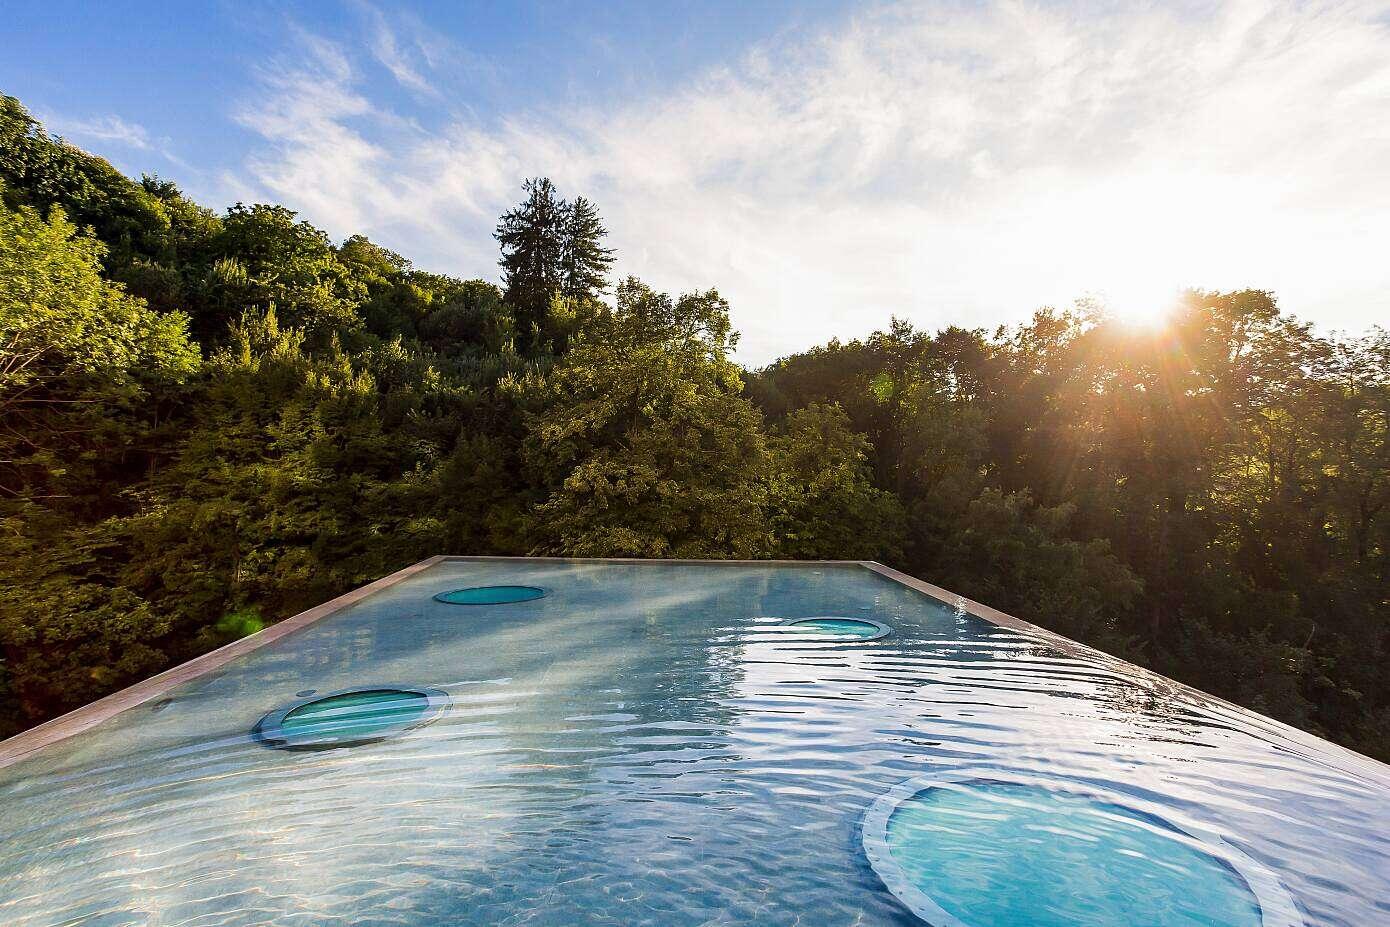 Nizza Paradise Residence by Mino Caggiula Architects